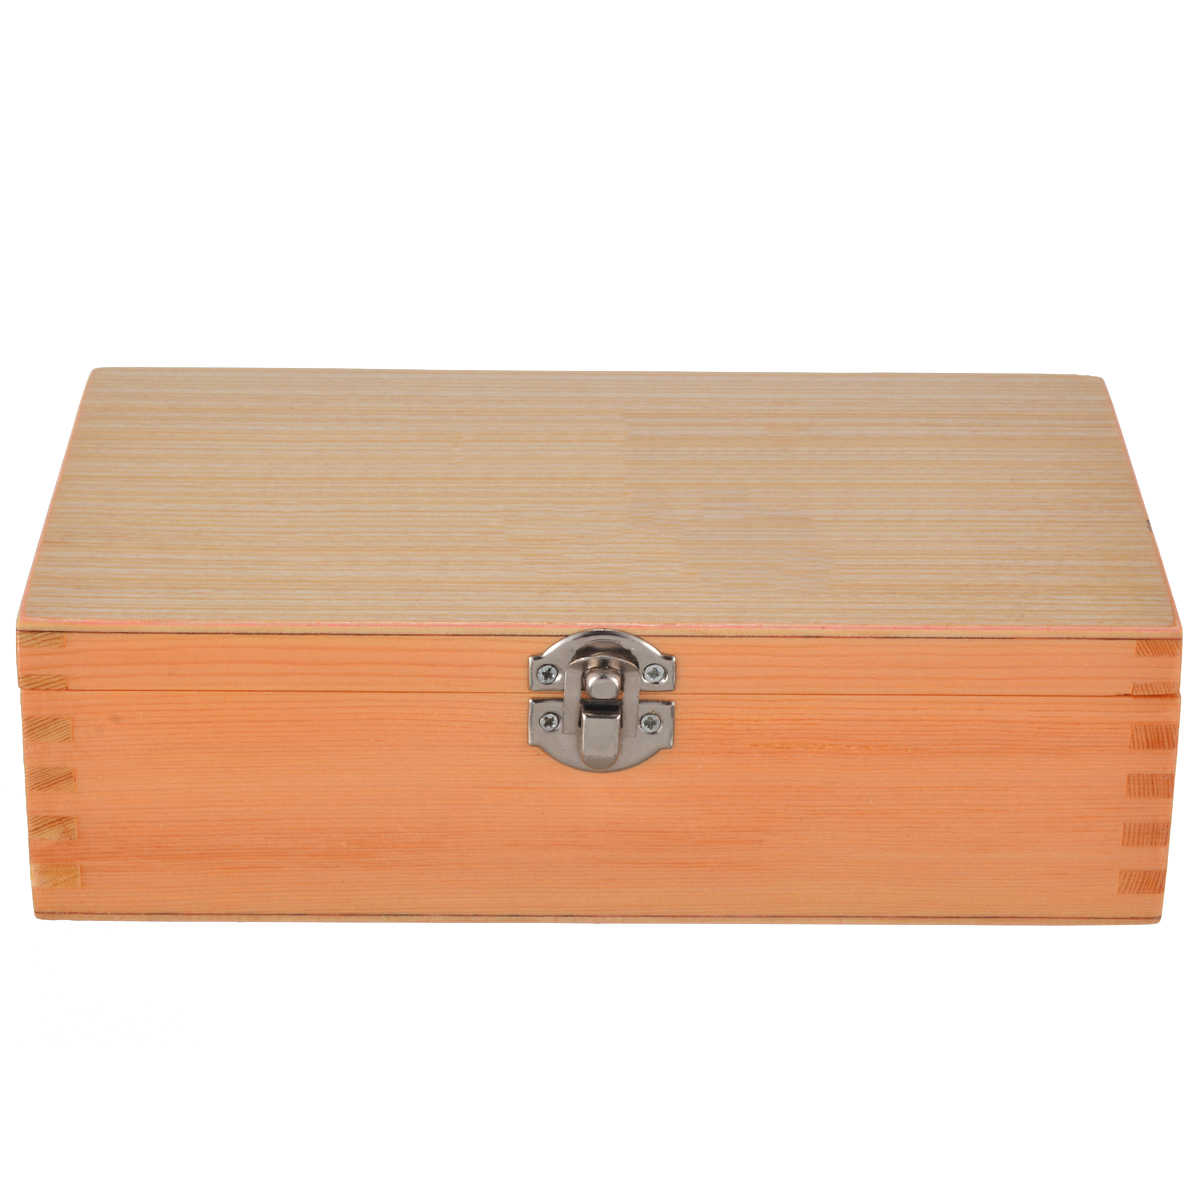 1 مجموعة محوري توسيط الطلب اختبار مؤشر مركز مكتشف طحن أداة 0.01 مللي متر دقة مع صندوق خشبي أدوات قياس 140x40 مللي متر